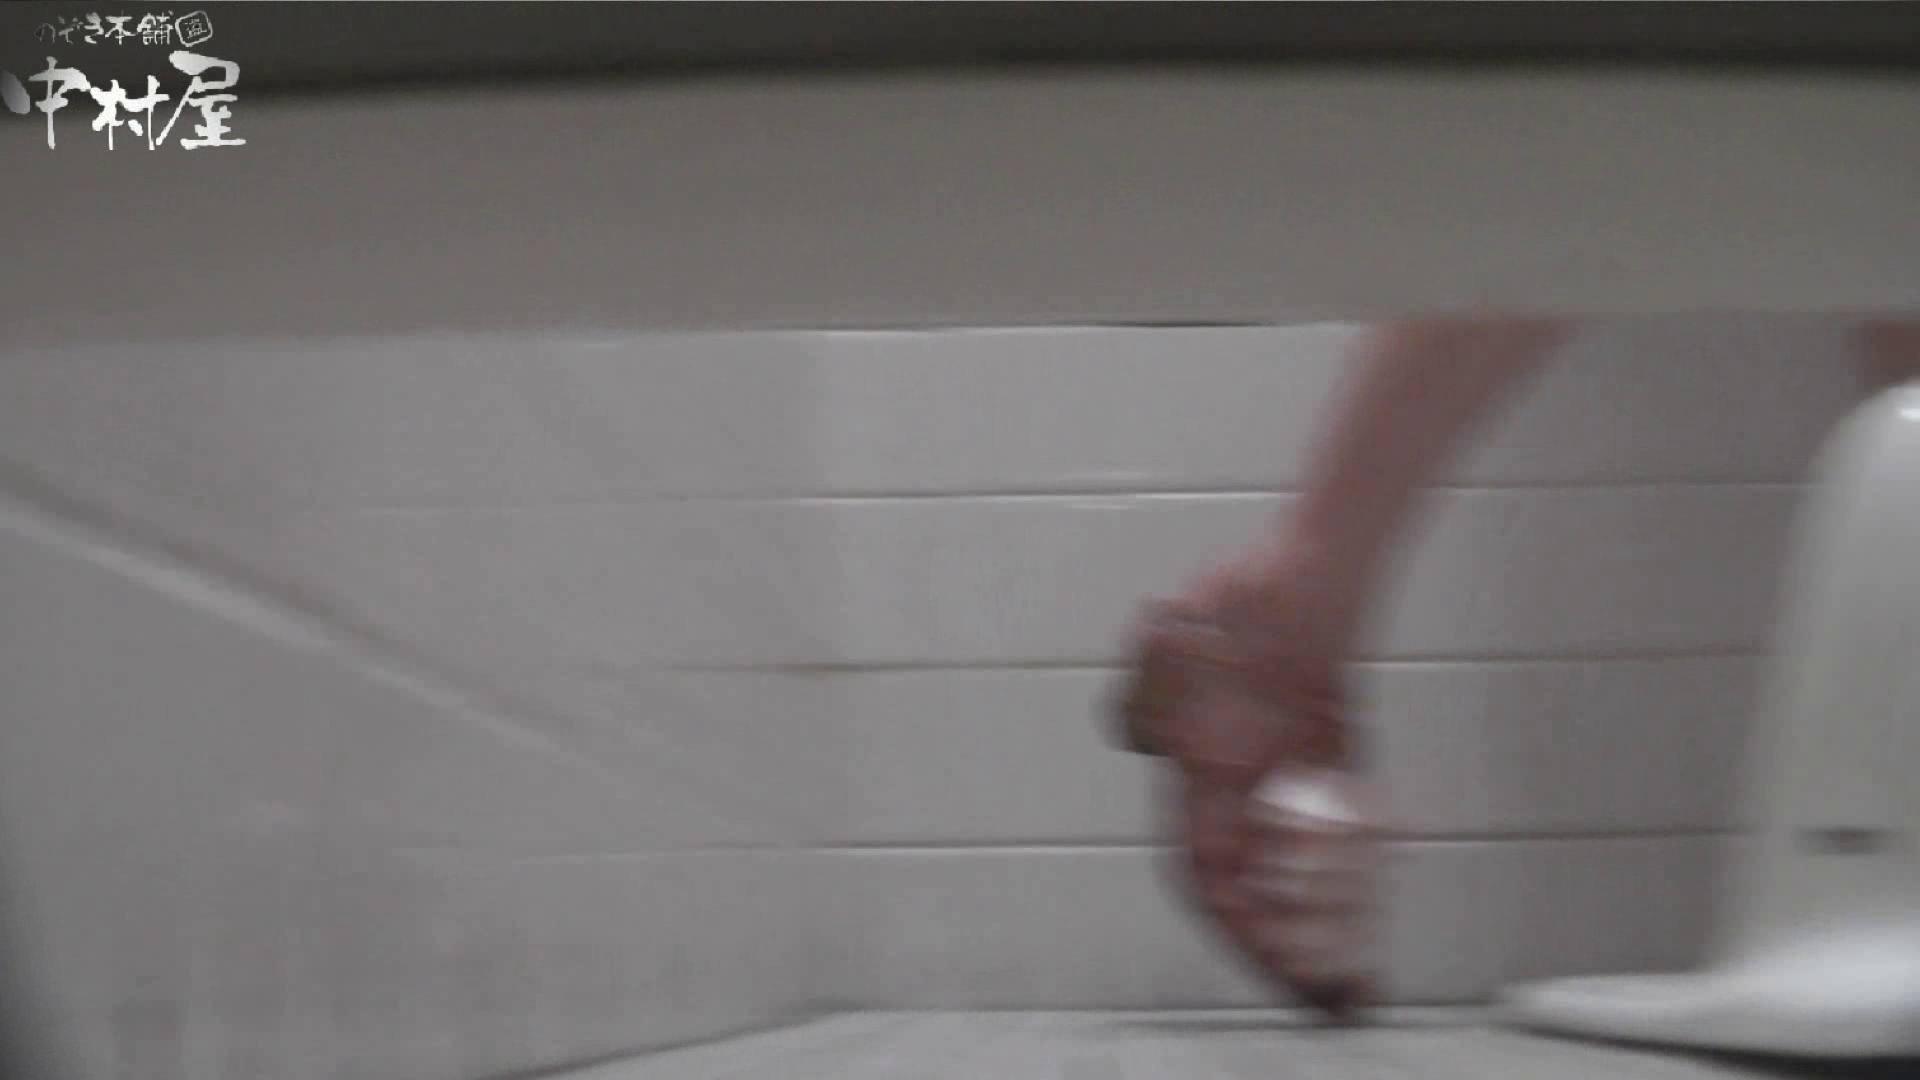 vol.34 命がけ潜伏洗面所! アソコの毛が長髪な件 いやらしいOL AV動画キャプチャ 37連発 32